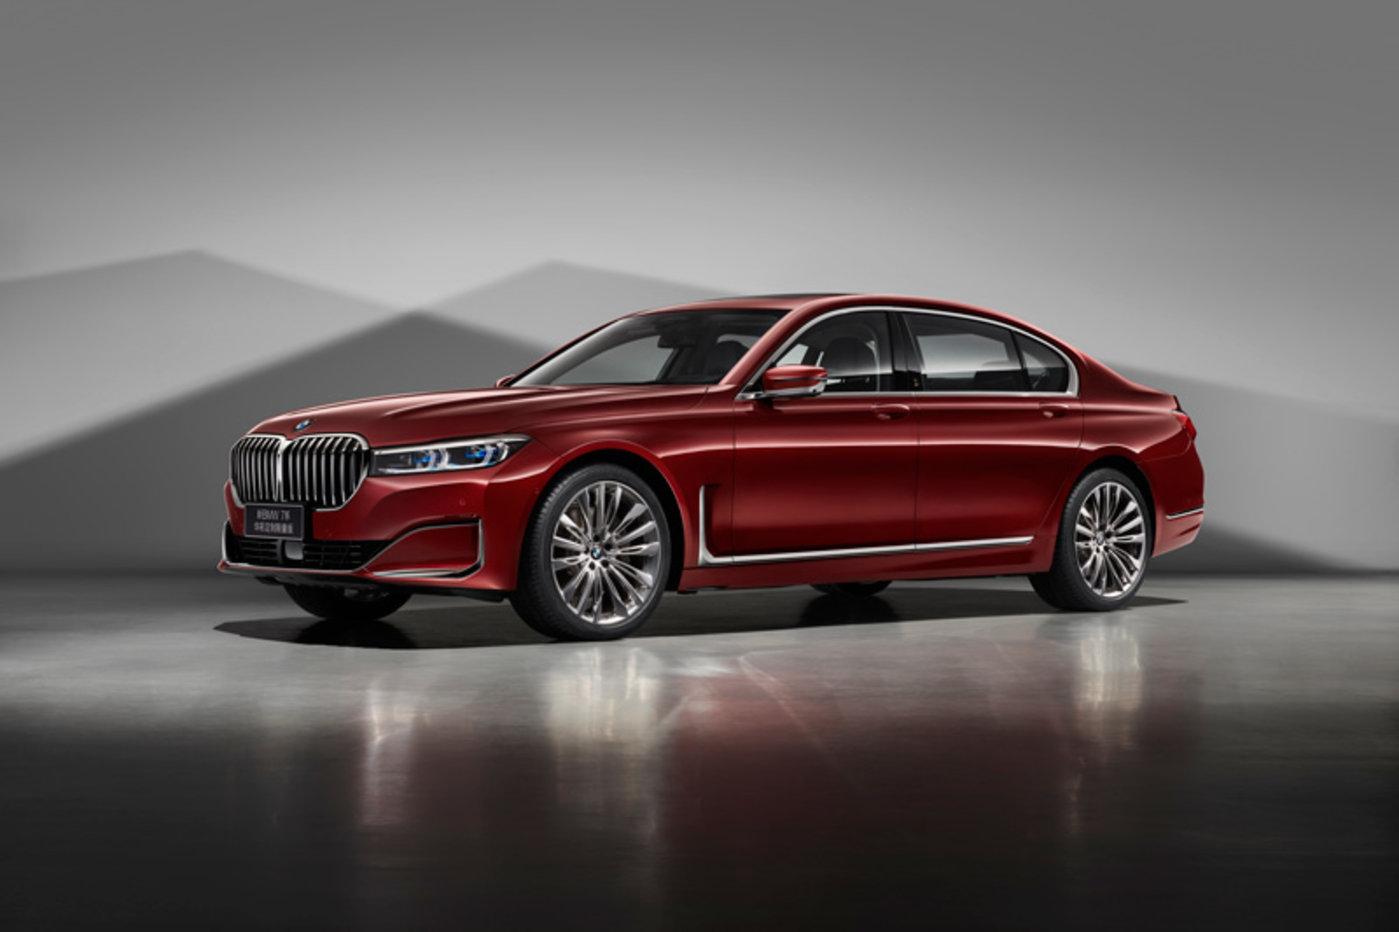 新BMW 7系华彩定制限量版